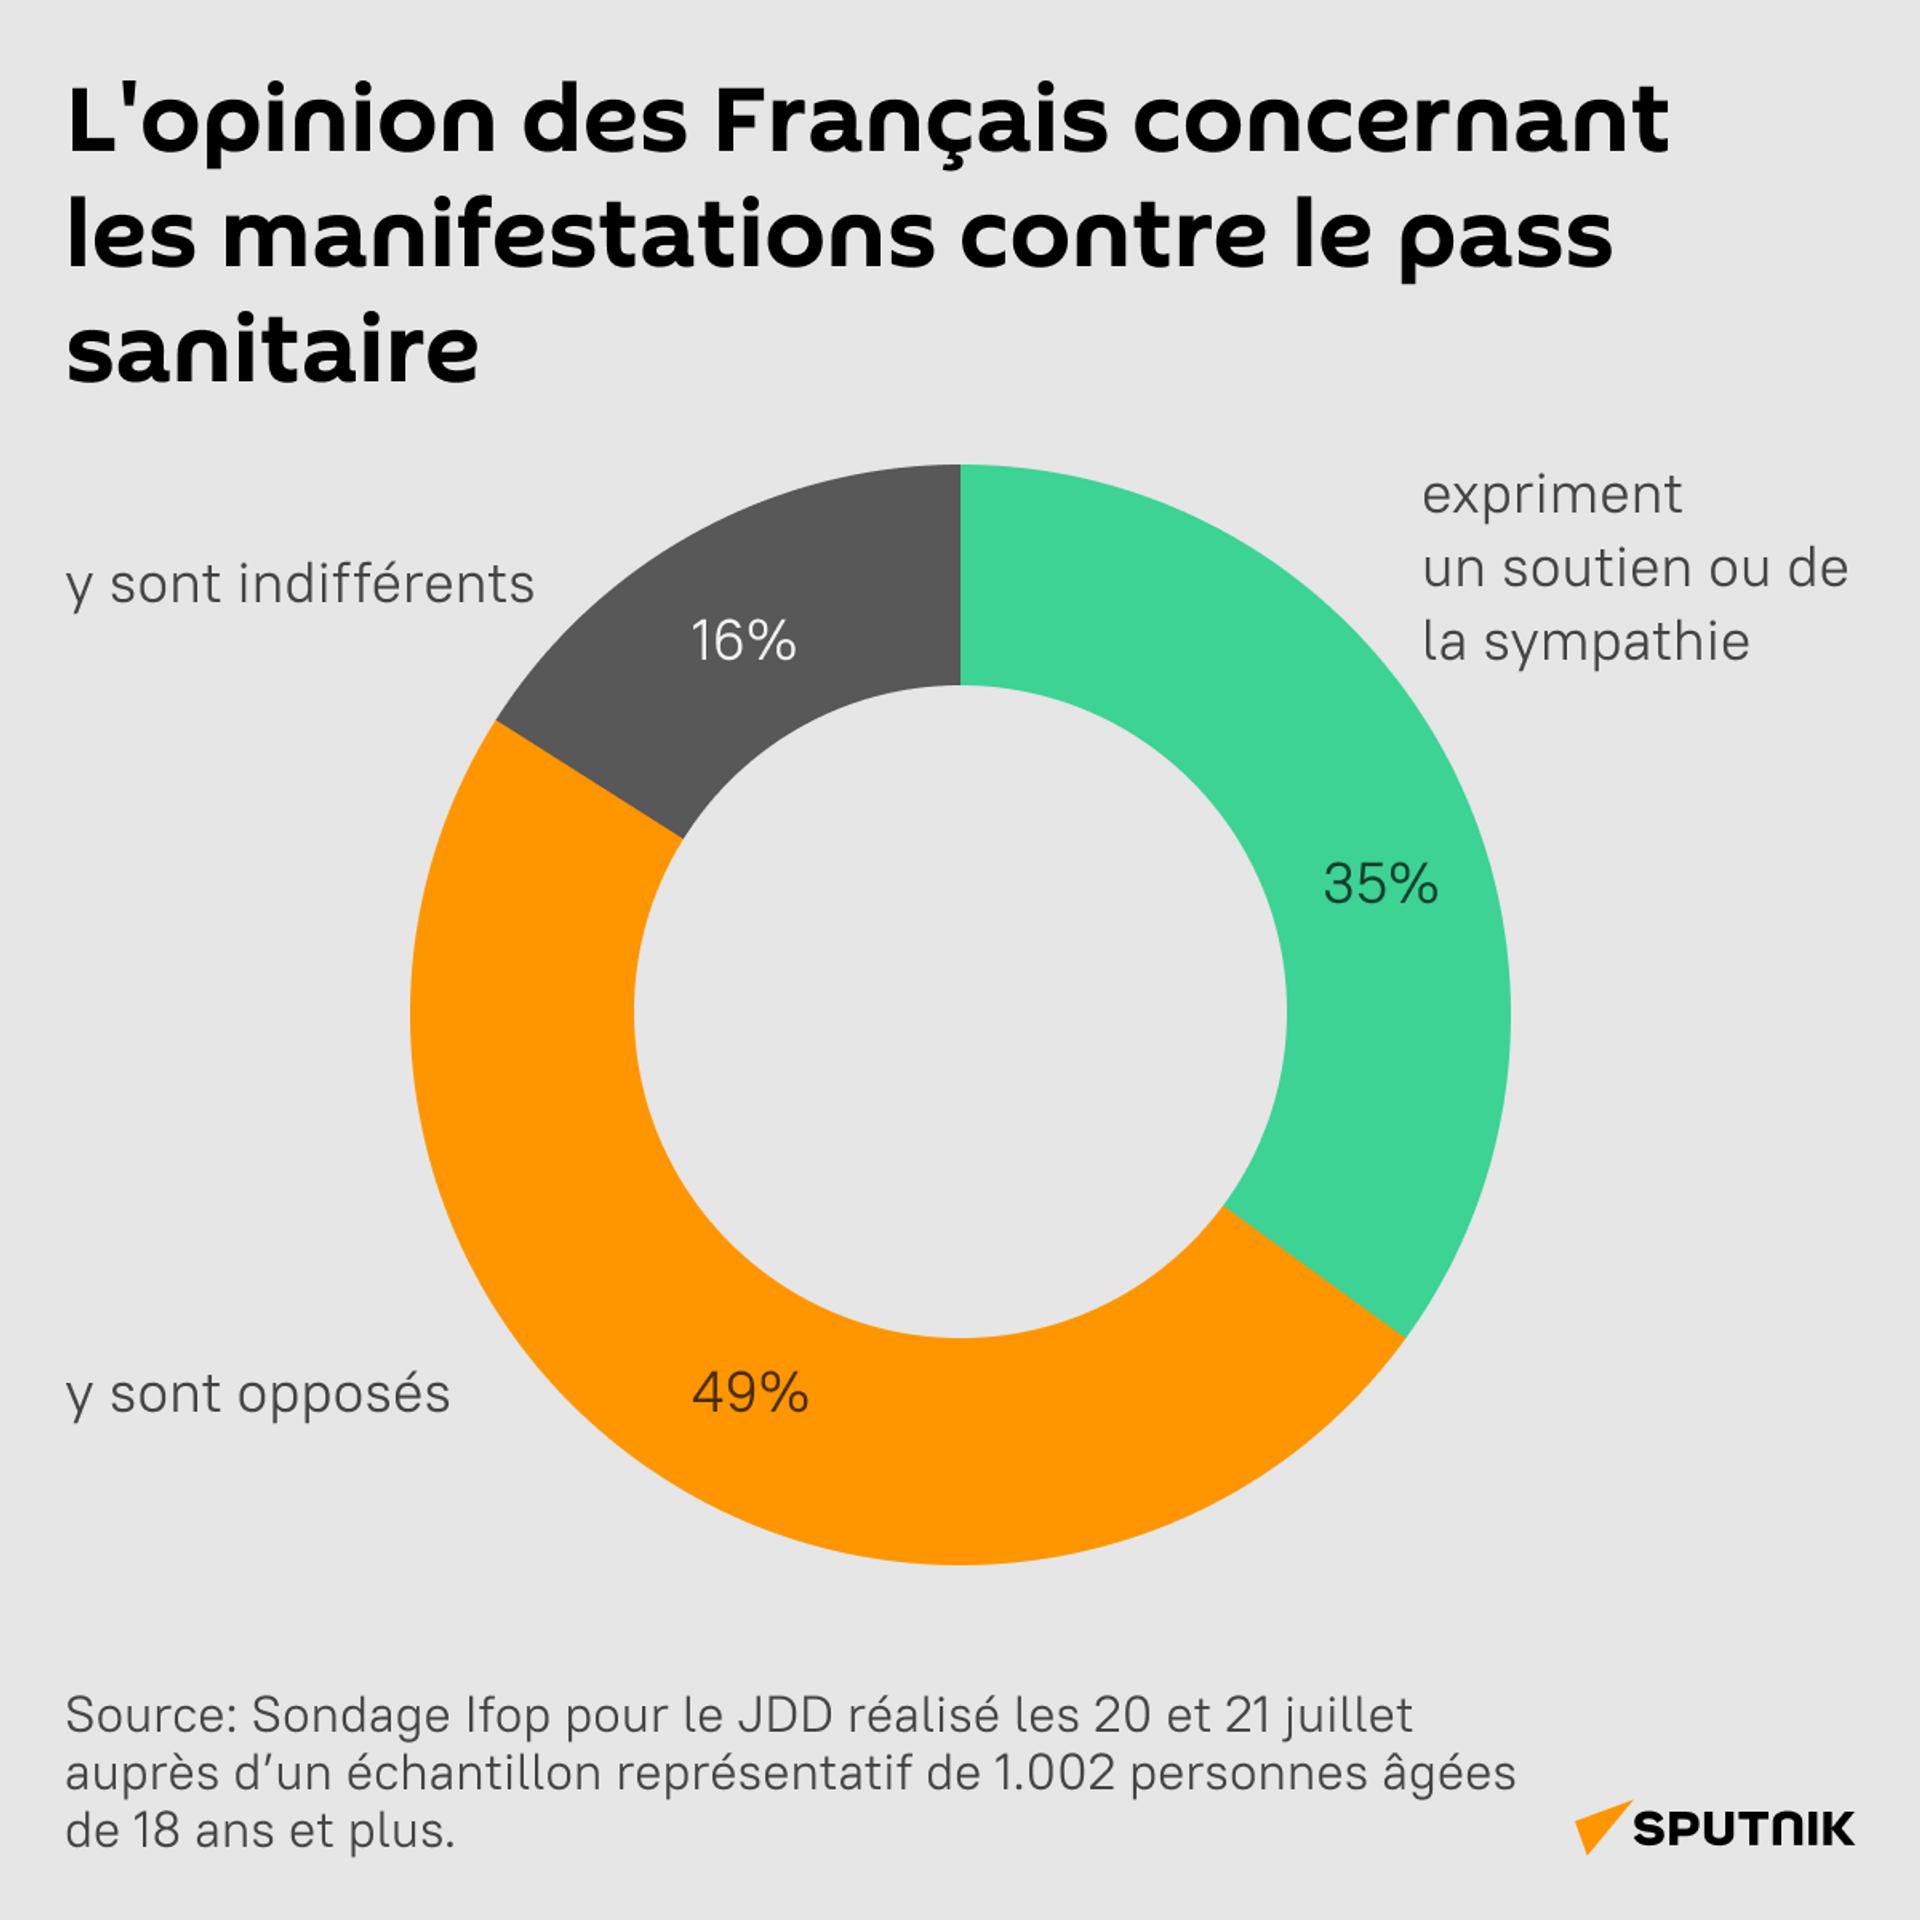 Près de 35% des Français soutiennent le mouvement de protestation contre le pass sanitaire - Sputnik France, 1920, 26.07.2021